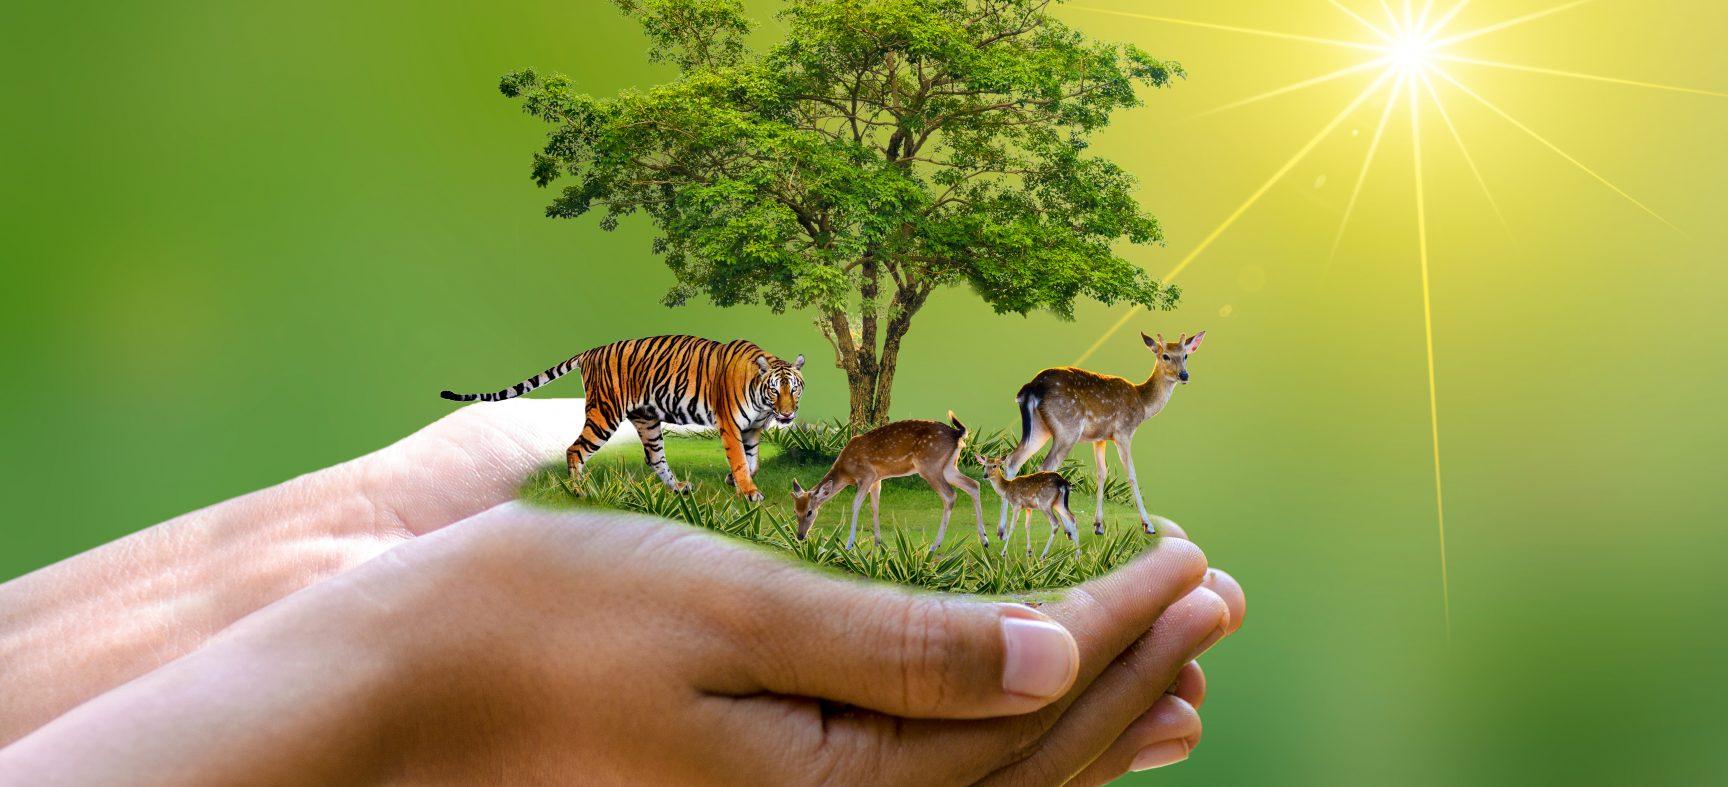 Colloque environnement jeunesse : Droits et justice | Atelier-discussion « L'environnement, les êtres animaux et le droit animalier »